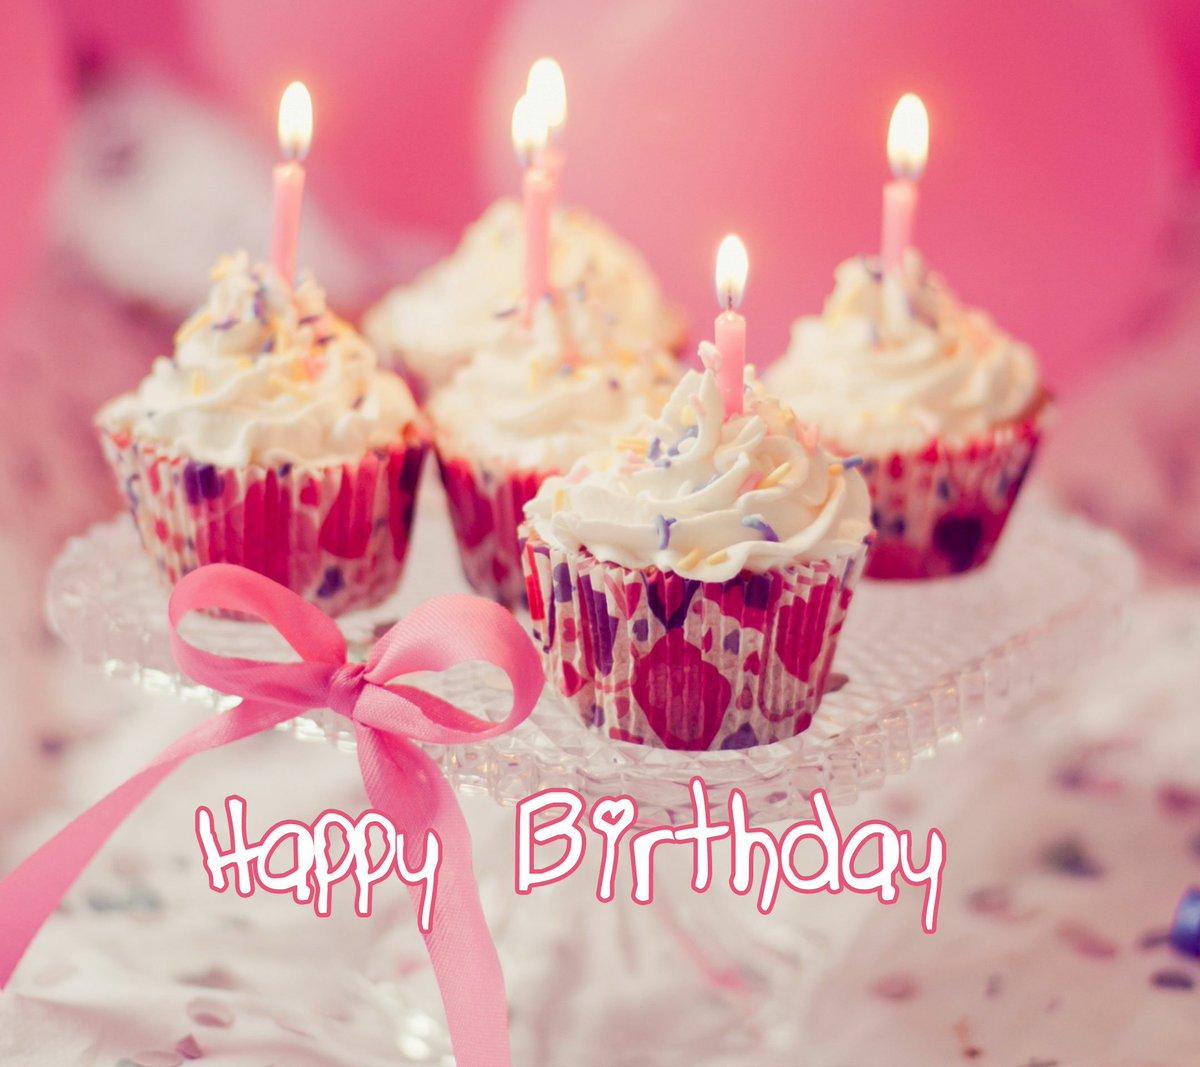 Abhishek Singh On Twitter Happy Birthday Srbachchanrai